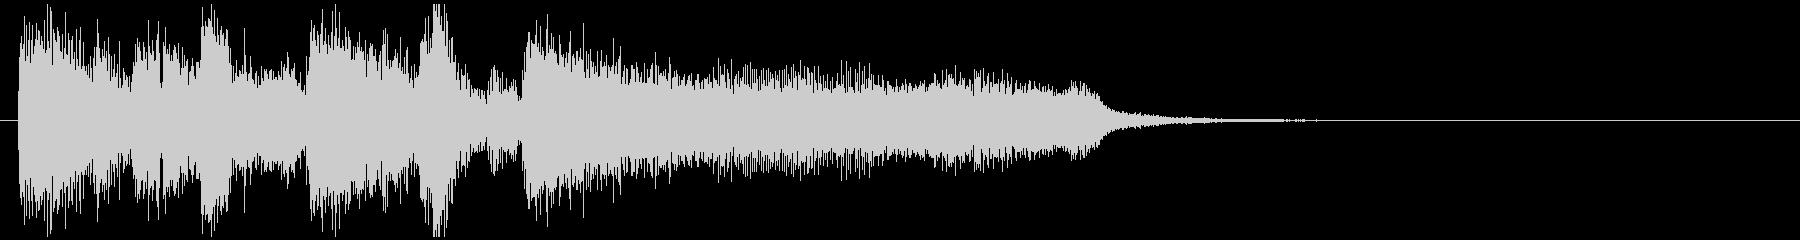 ソリッドでかっこいいジャズ系サウンドロゴの未再生の波形